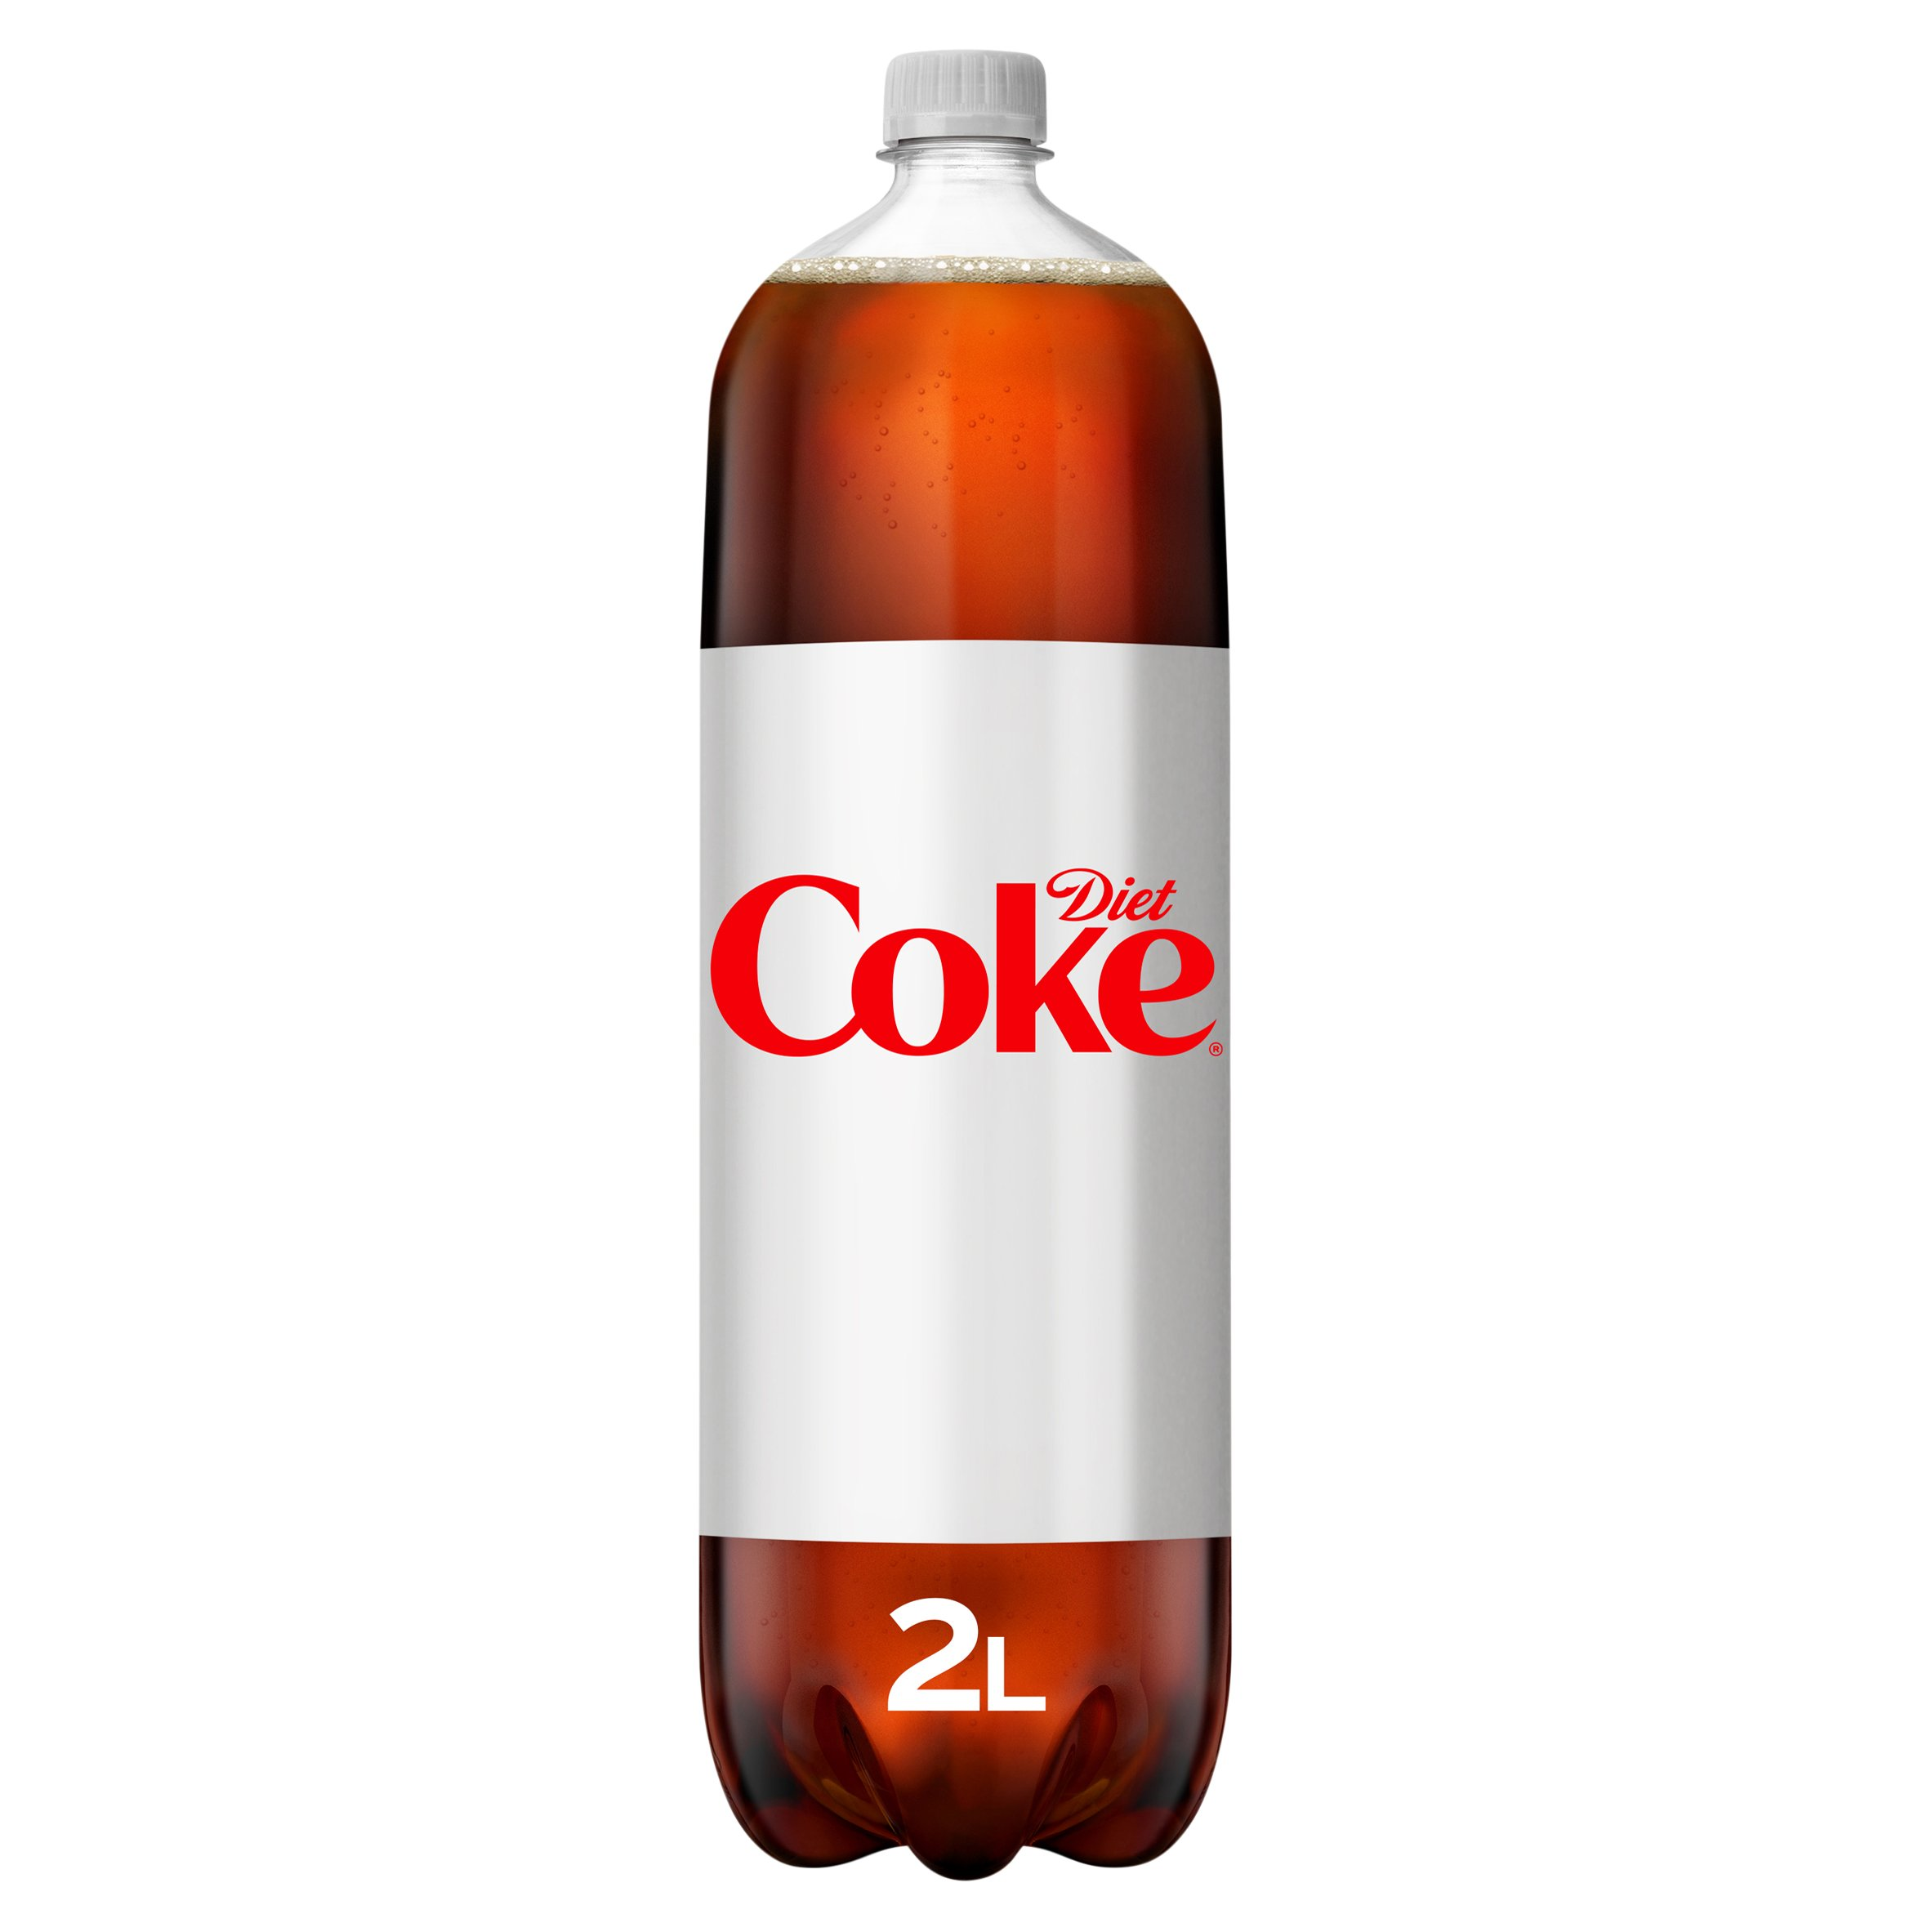 Diet Coke 2L